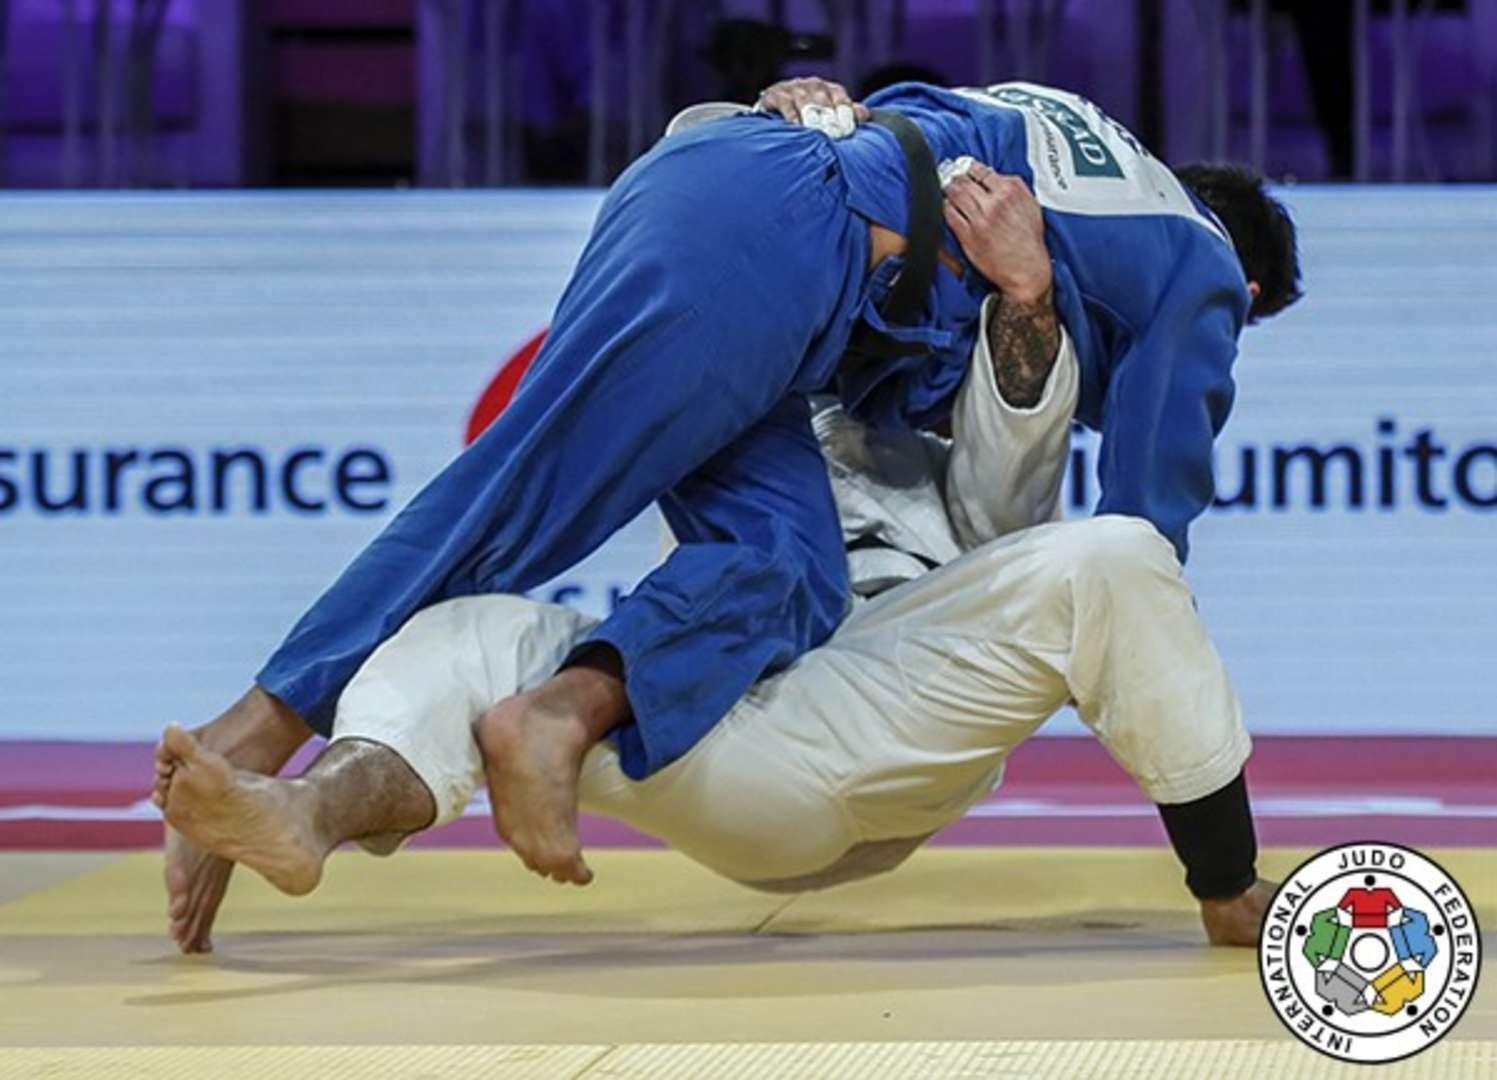 JudoTurkey - Abu Dhabi Grand Slam 2017, U A E – DAY THREE